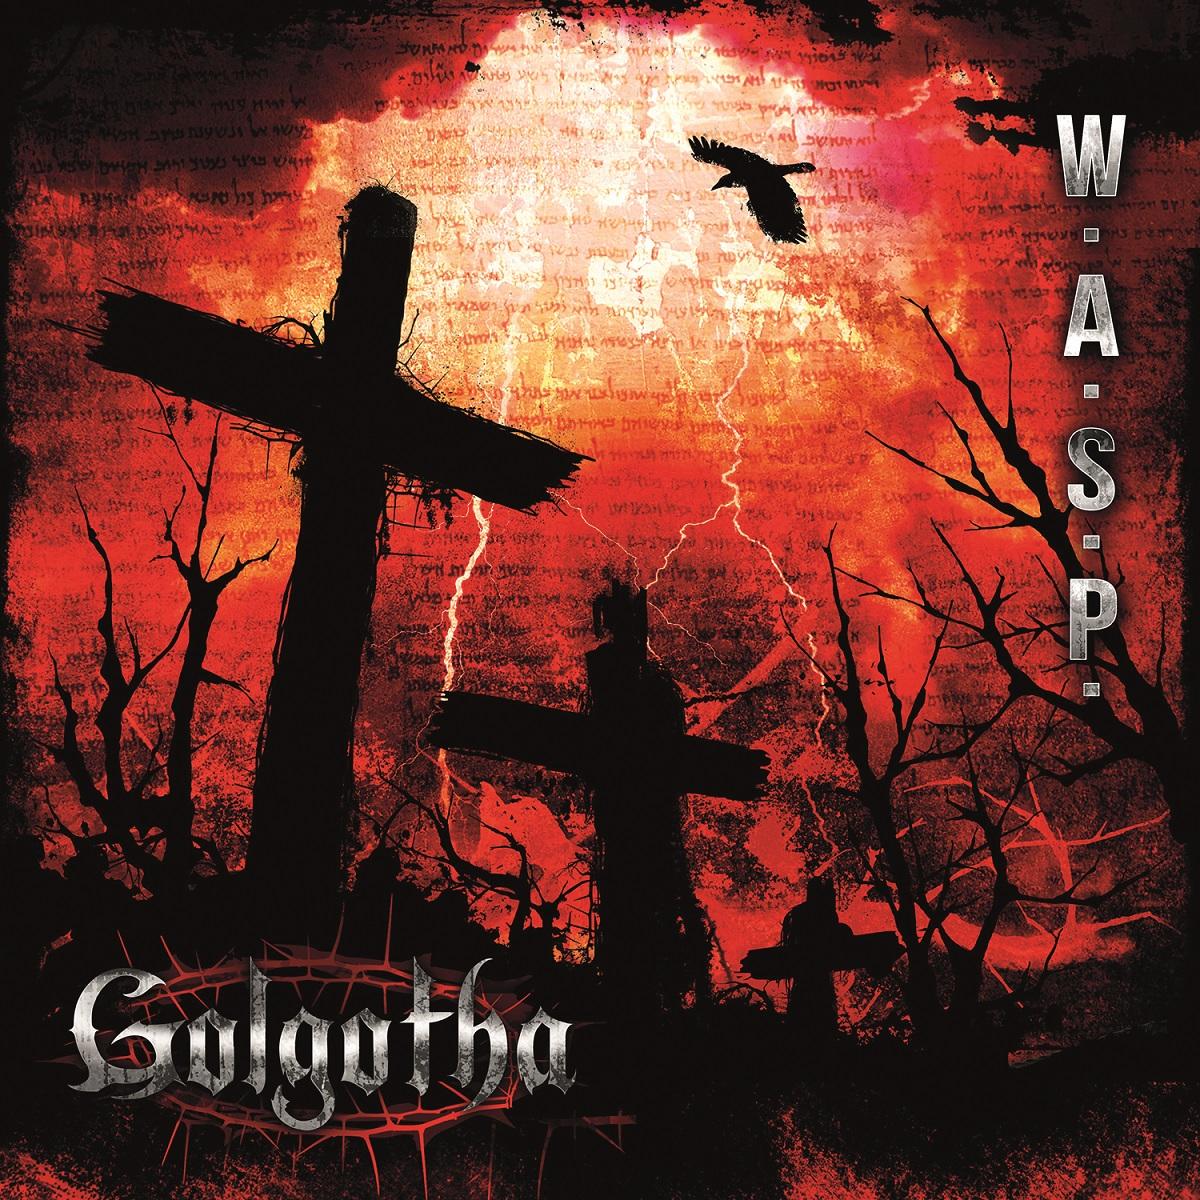 W.A.S.P. – Golgotha Review